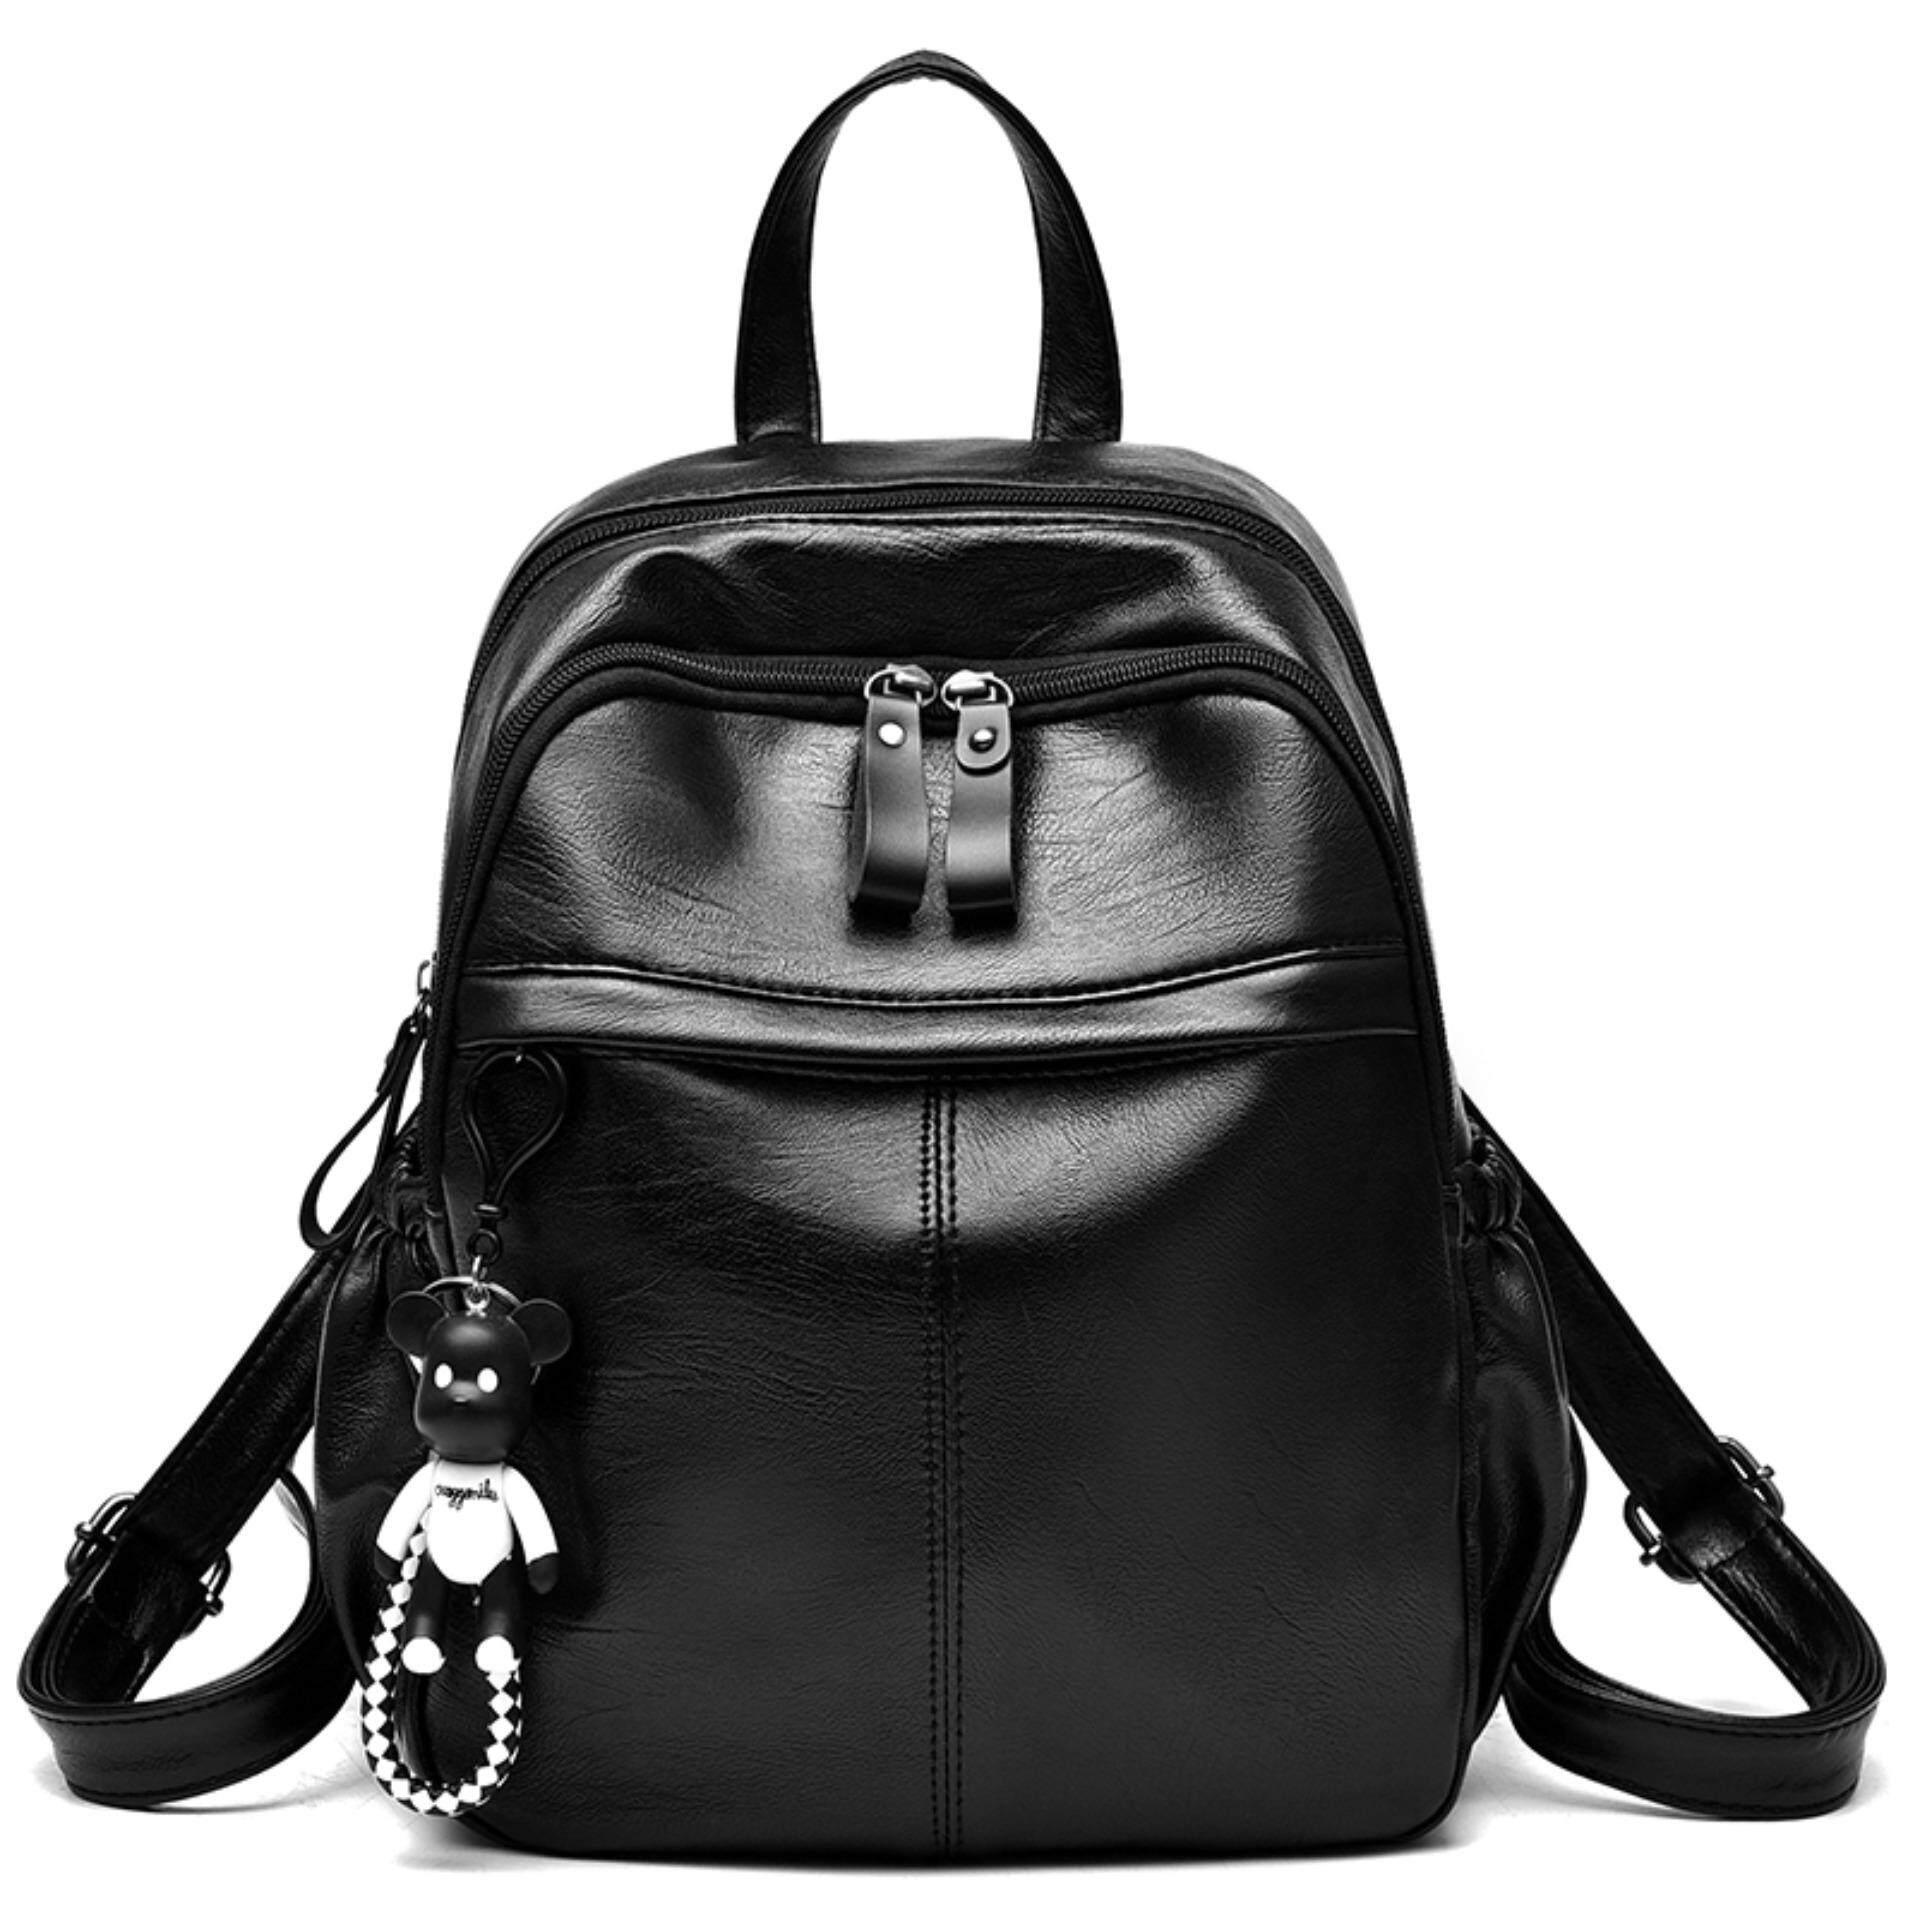 Vicria Tas Branded Wanita High Quality Pu Leather New Brand Black Source Aoyi Women Backpacks Backpack For Teenage Girls Female